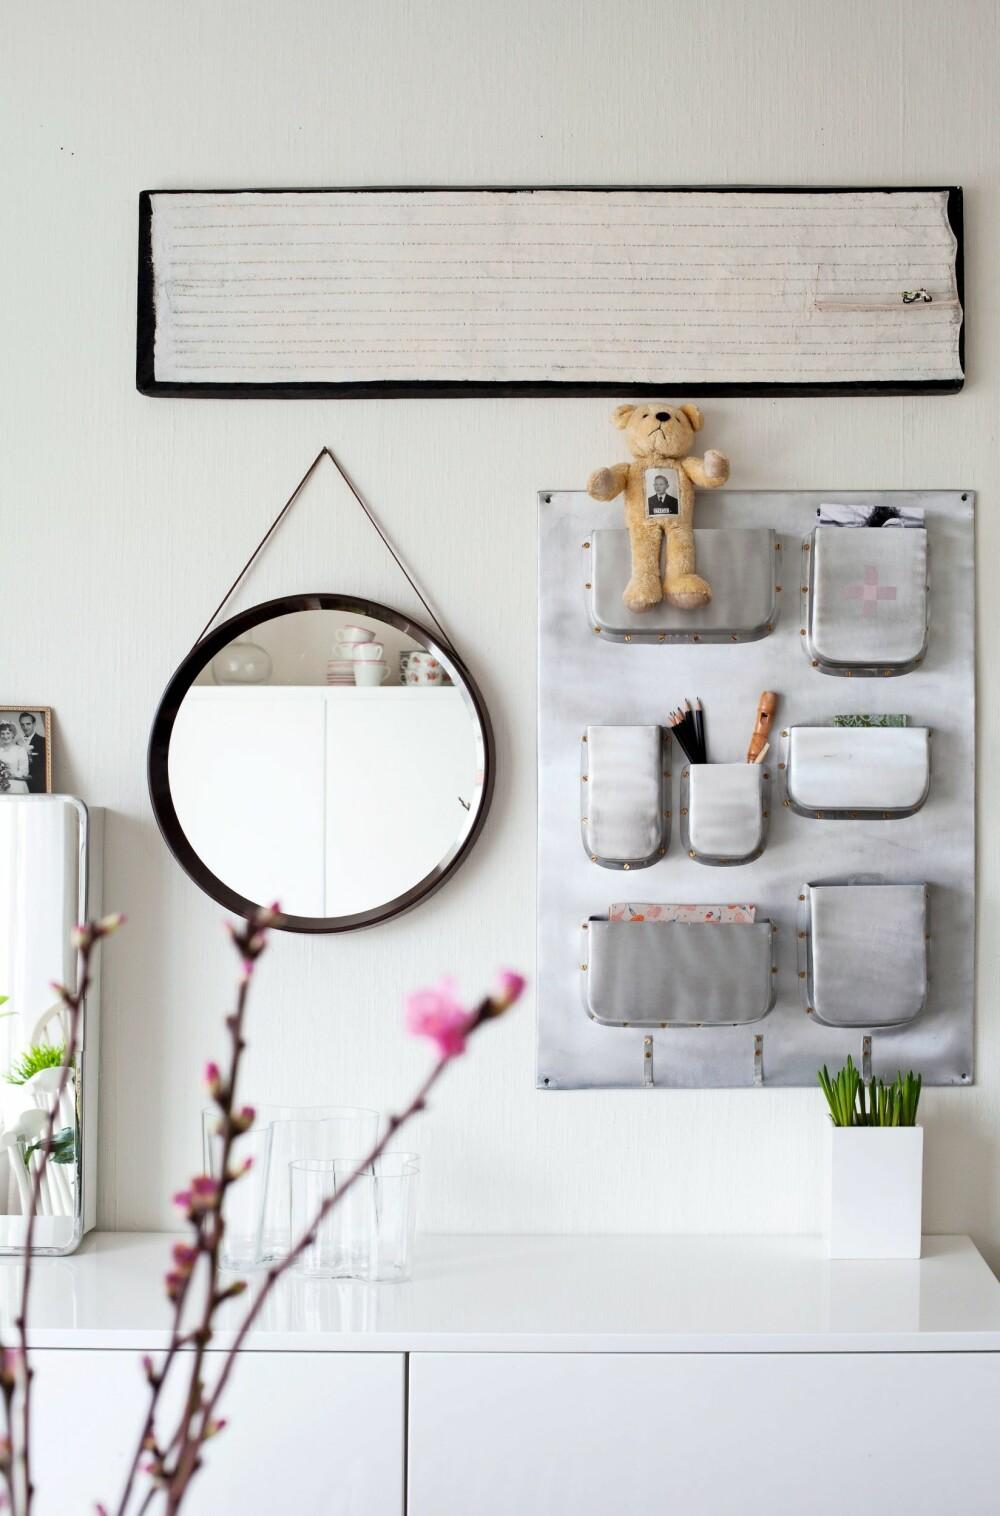 PÅ VEGGEN: Over skjenken henger en oppbevaringshylle i sink fra House Doctor. Henger du et fint lærbelte rundt et rundt speil som oppheng, får du et speil som minner om Adnet-klassikeren fra Gubi.